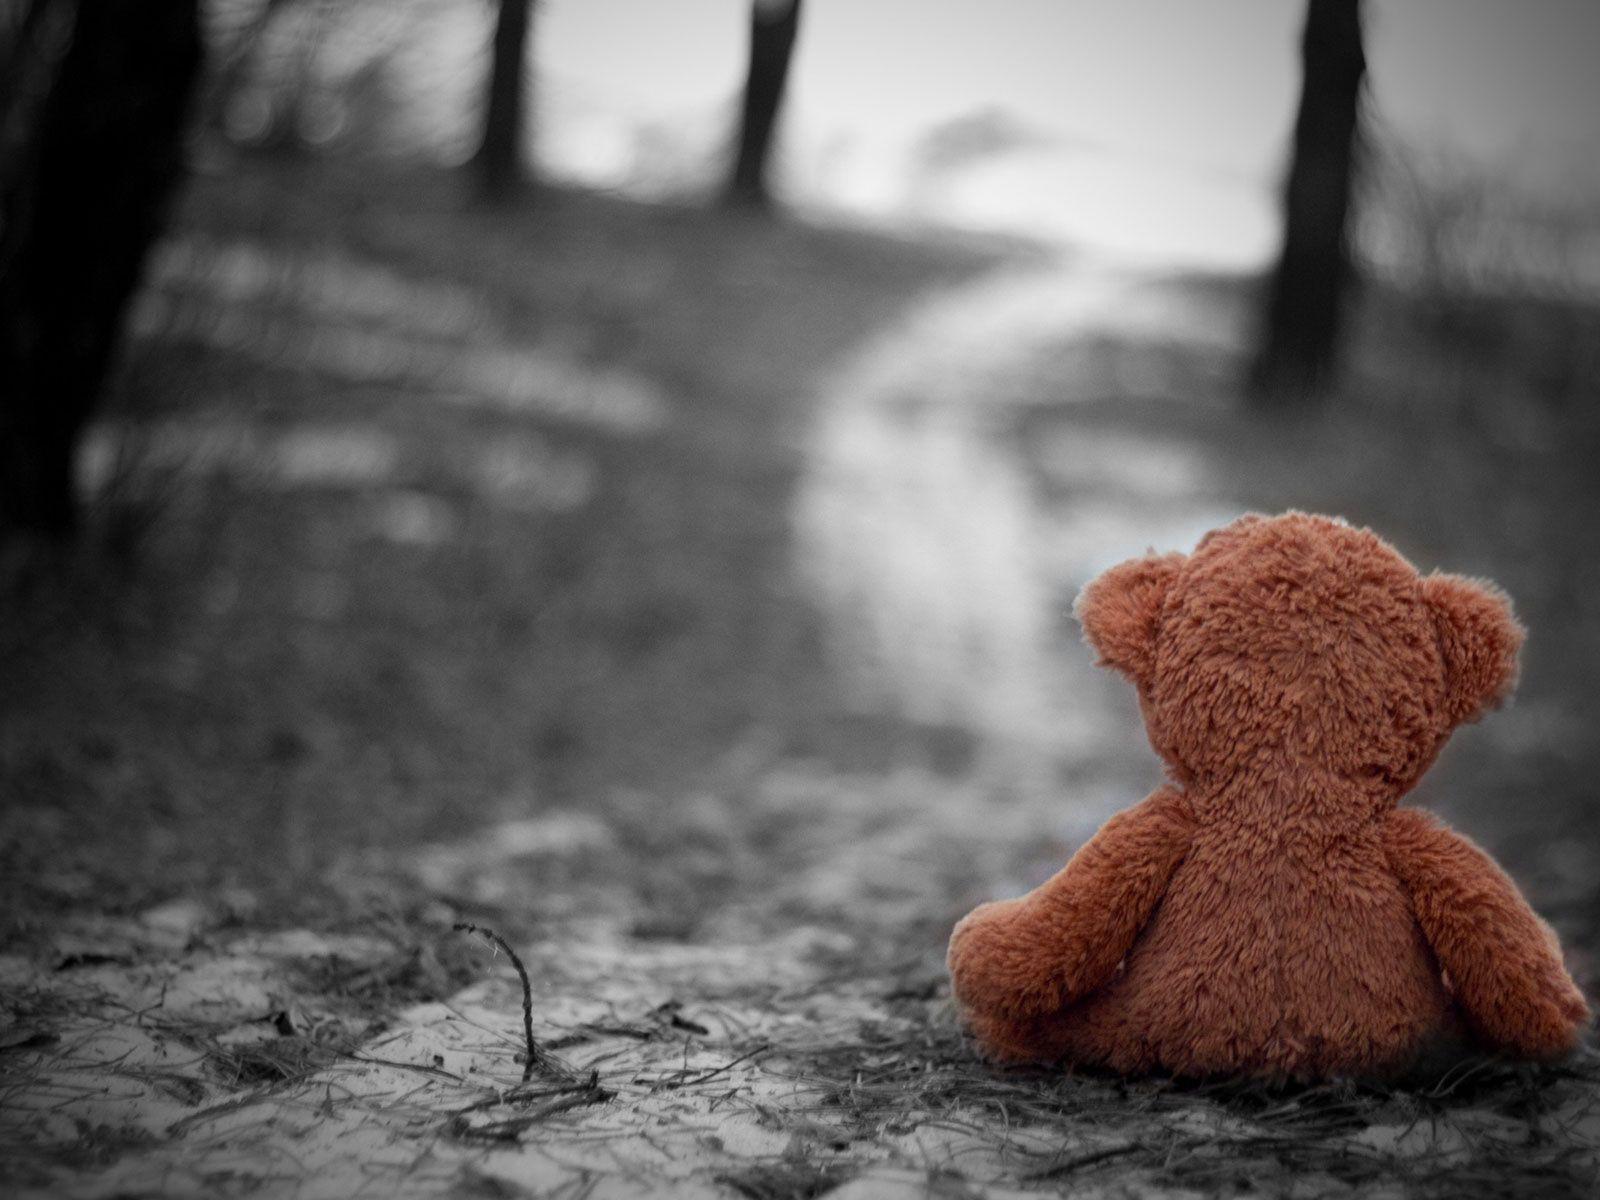 Teddy Bear Sitting Alone On Road